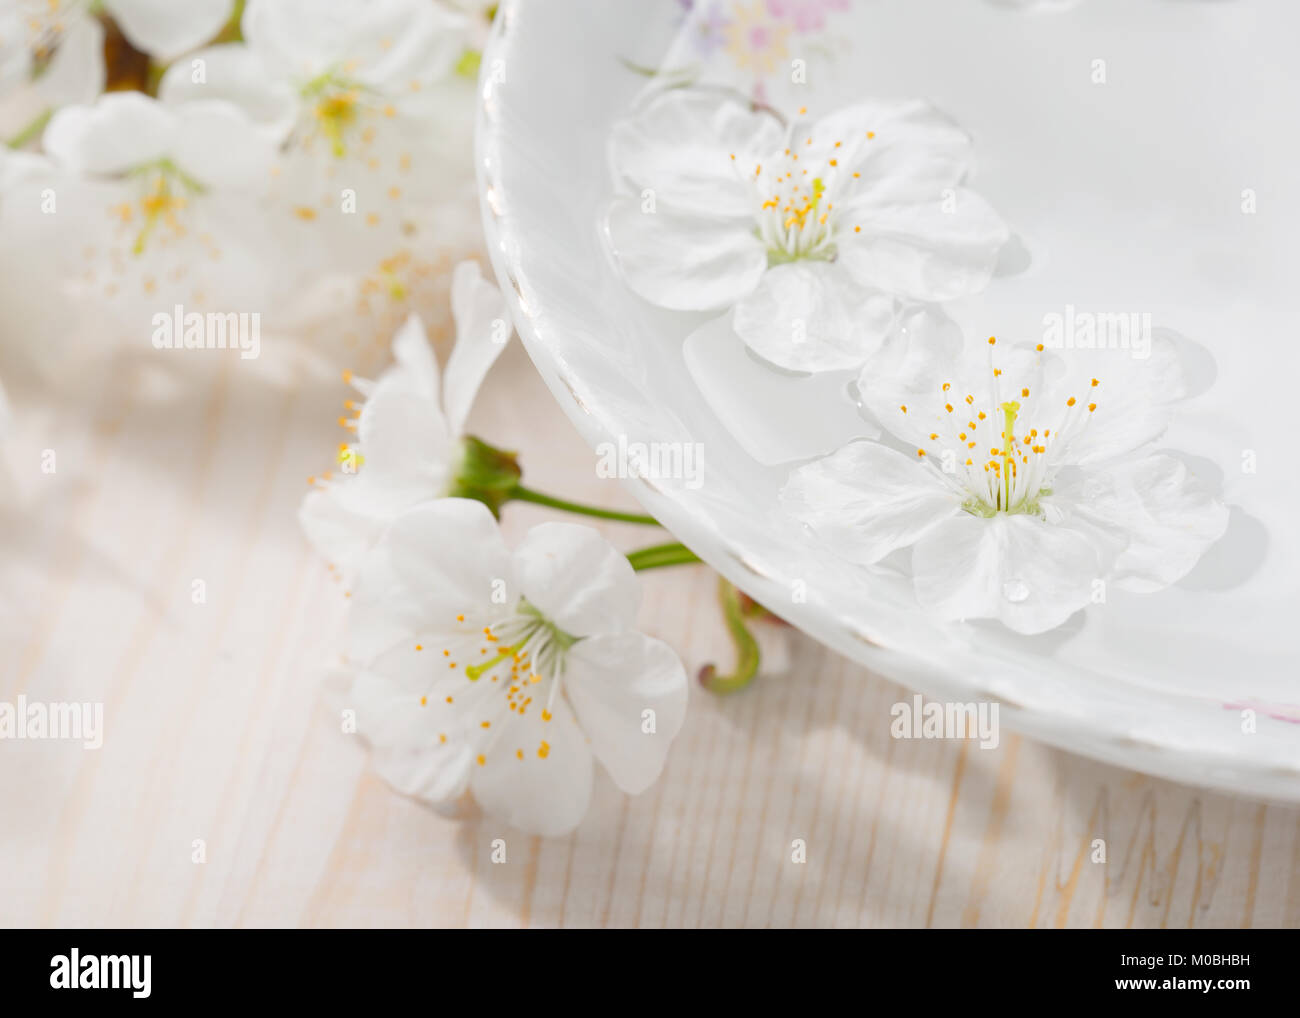 Schwimmenden Blumen (Kirschblüte) in Weiß Schüssel. Fokus auf in der Nähe von Blume Stockbild